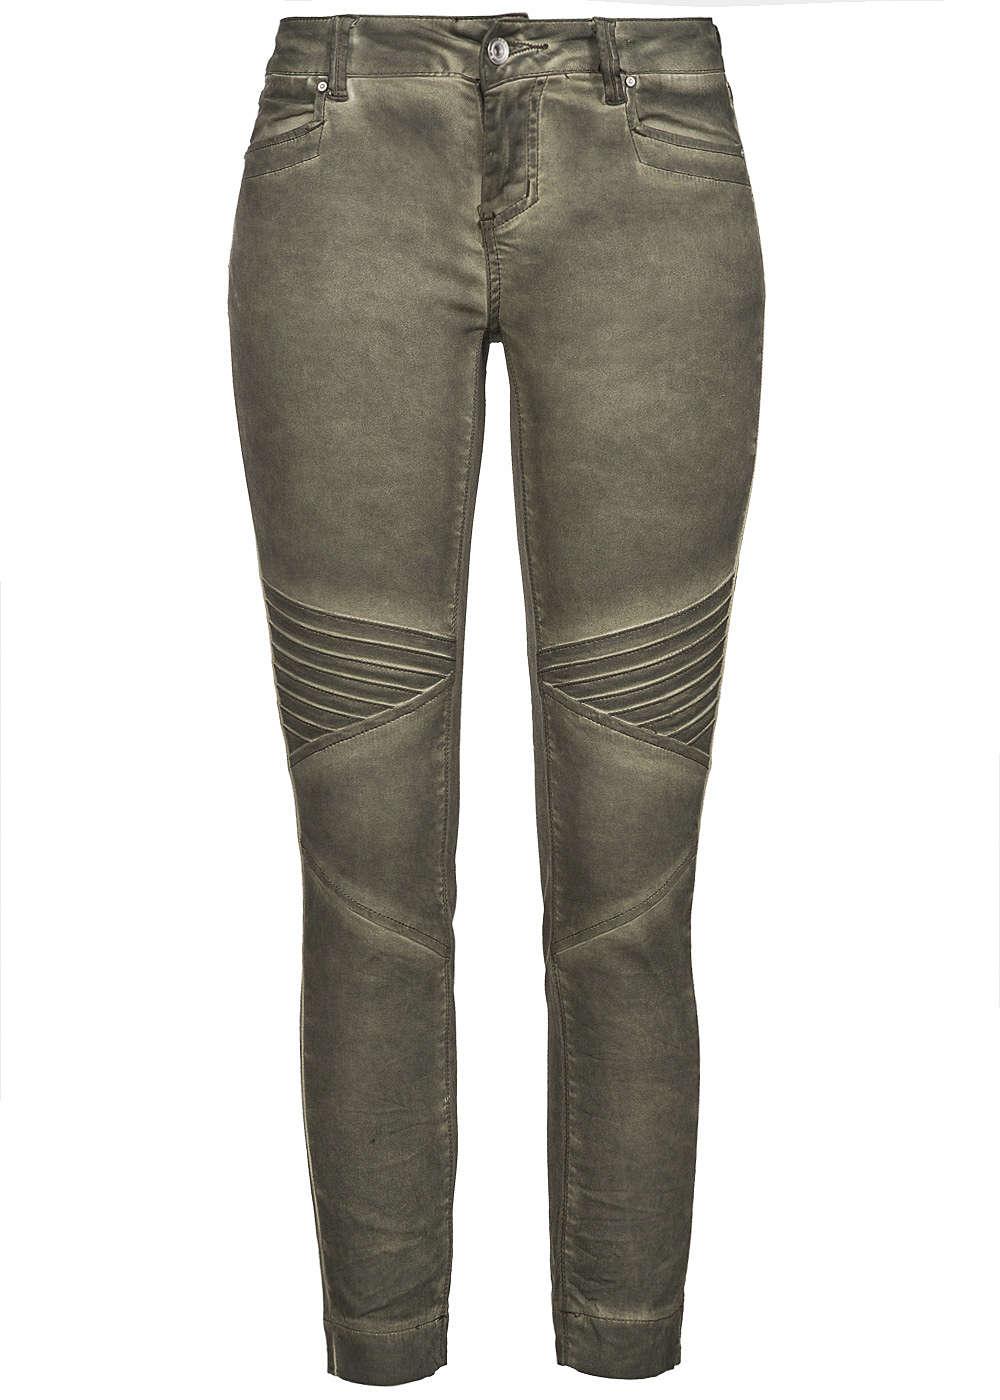 hailys damen jeans biker style 4 pocket washed khaki gr n ebay. Black Bedroom Furniture Sets. Home Design Ideas